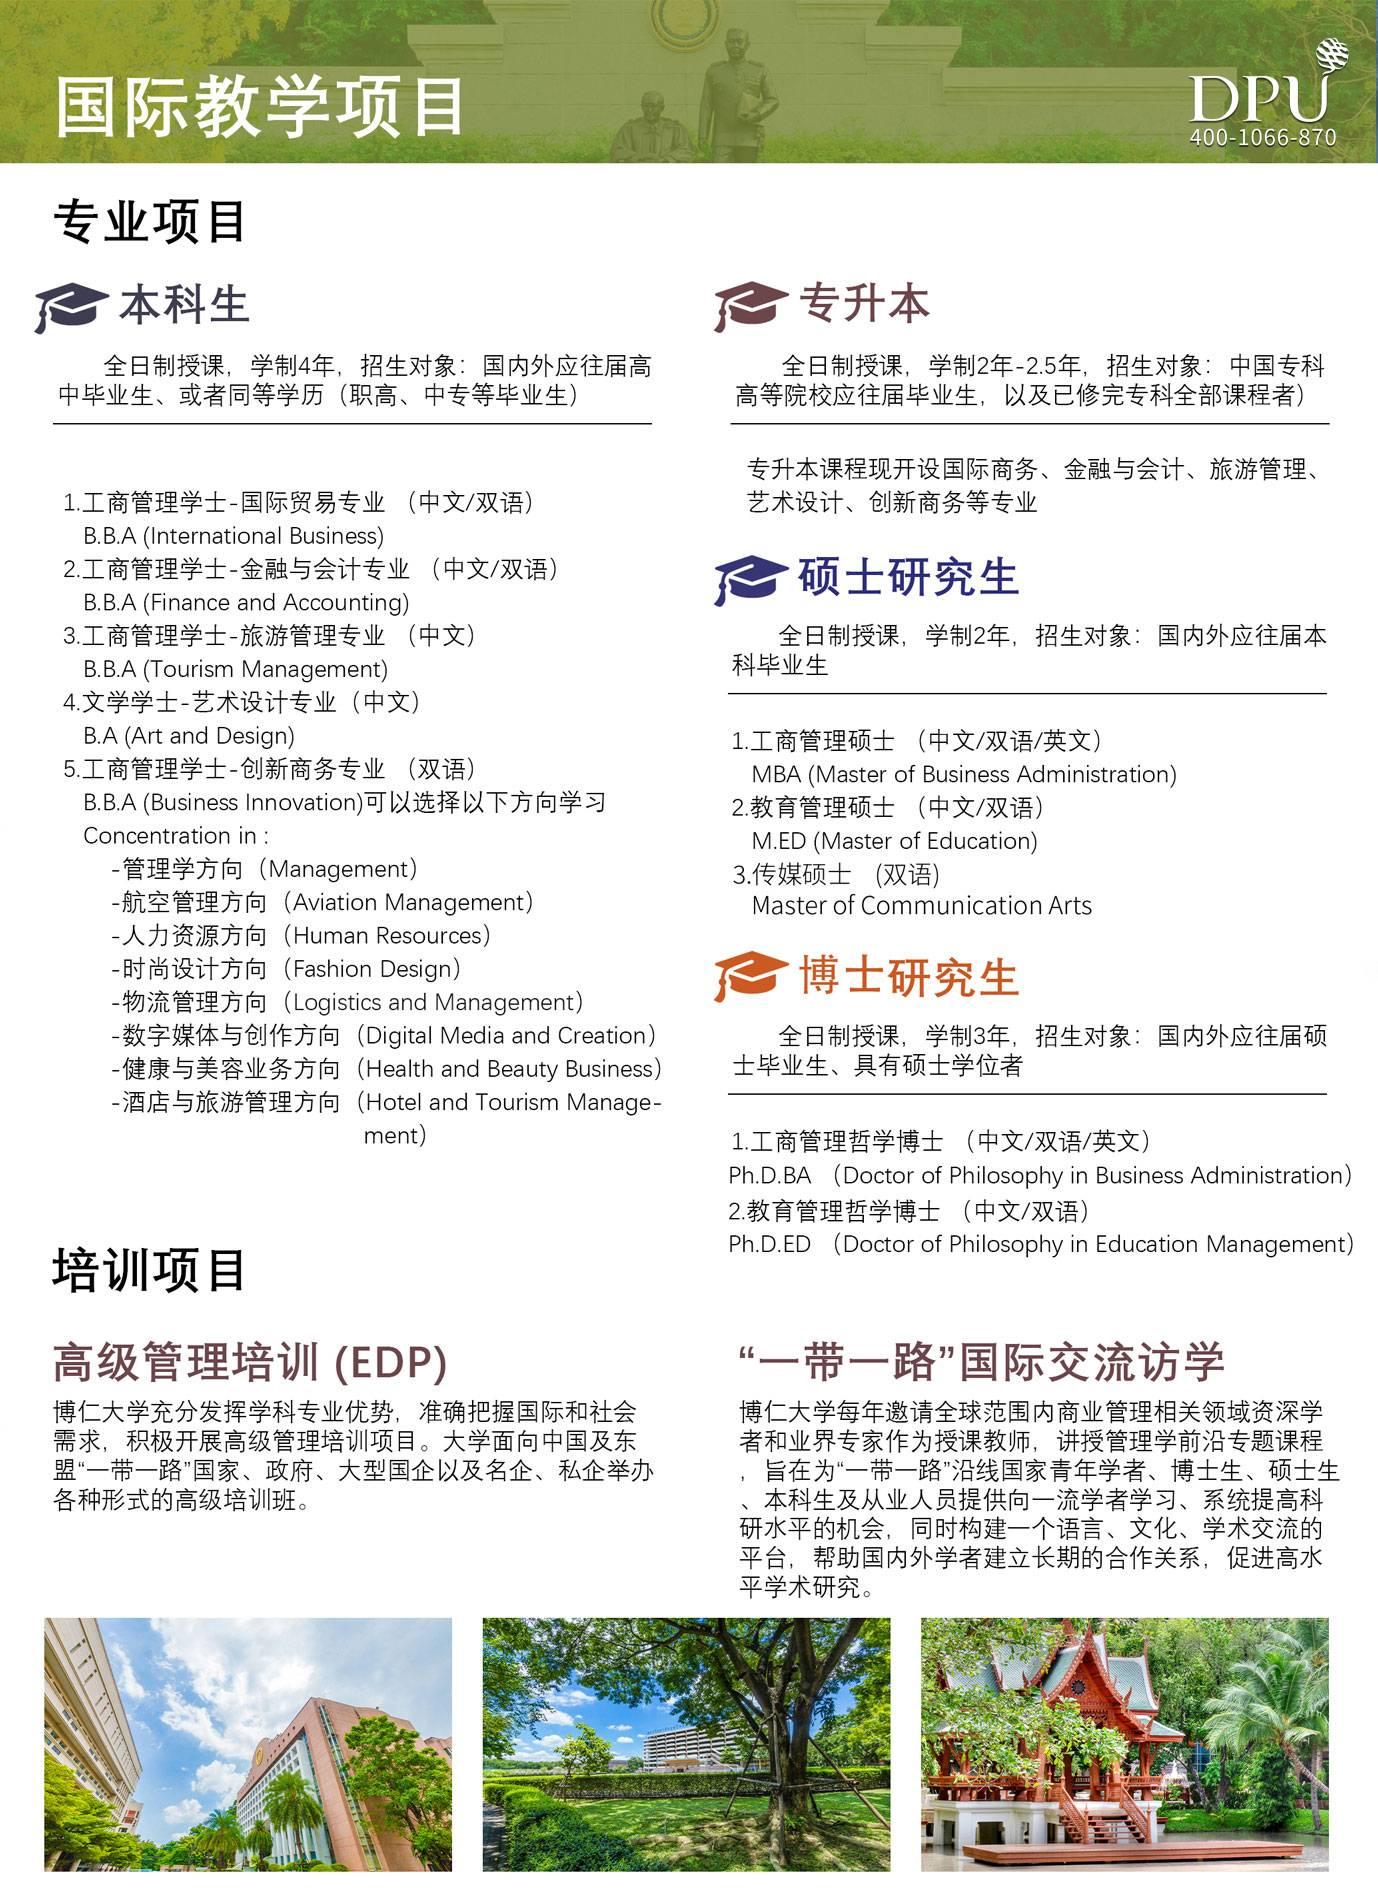 泰国博仁大学2022年招生简章8-7